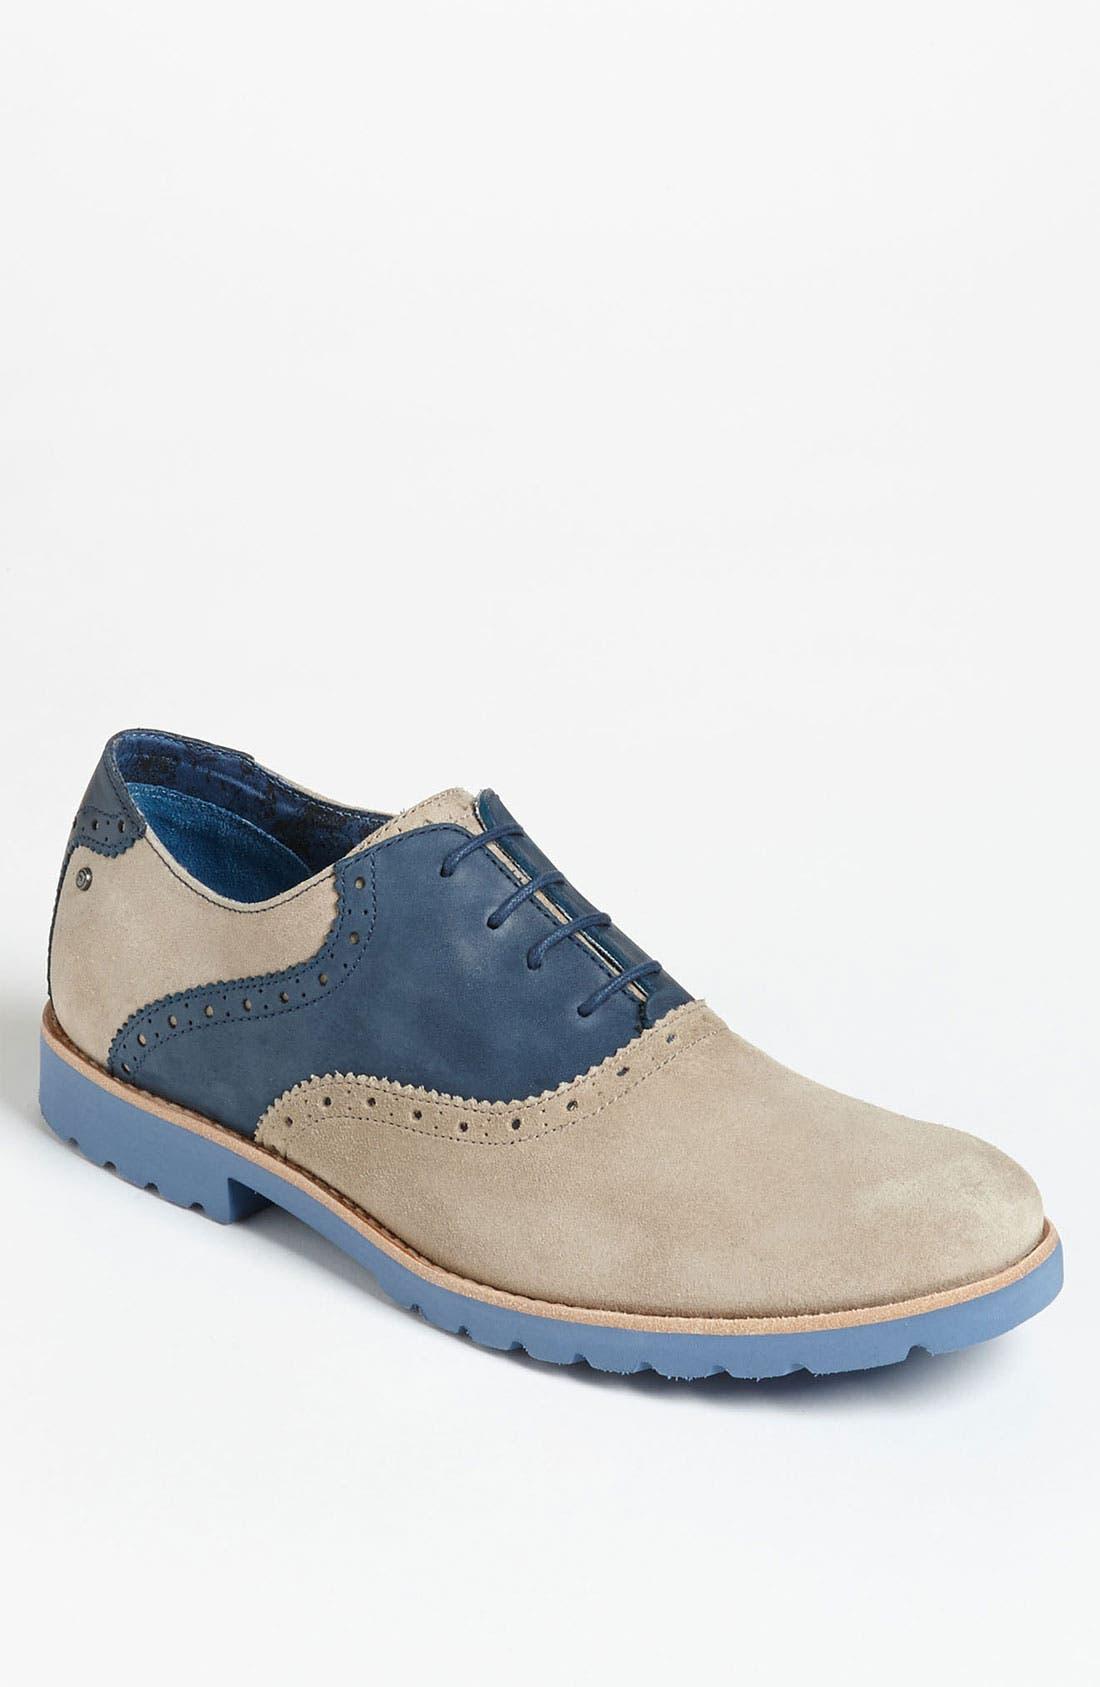 Main Image - Rockport 'Ledge Hill' Saddle Shoe